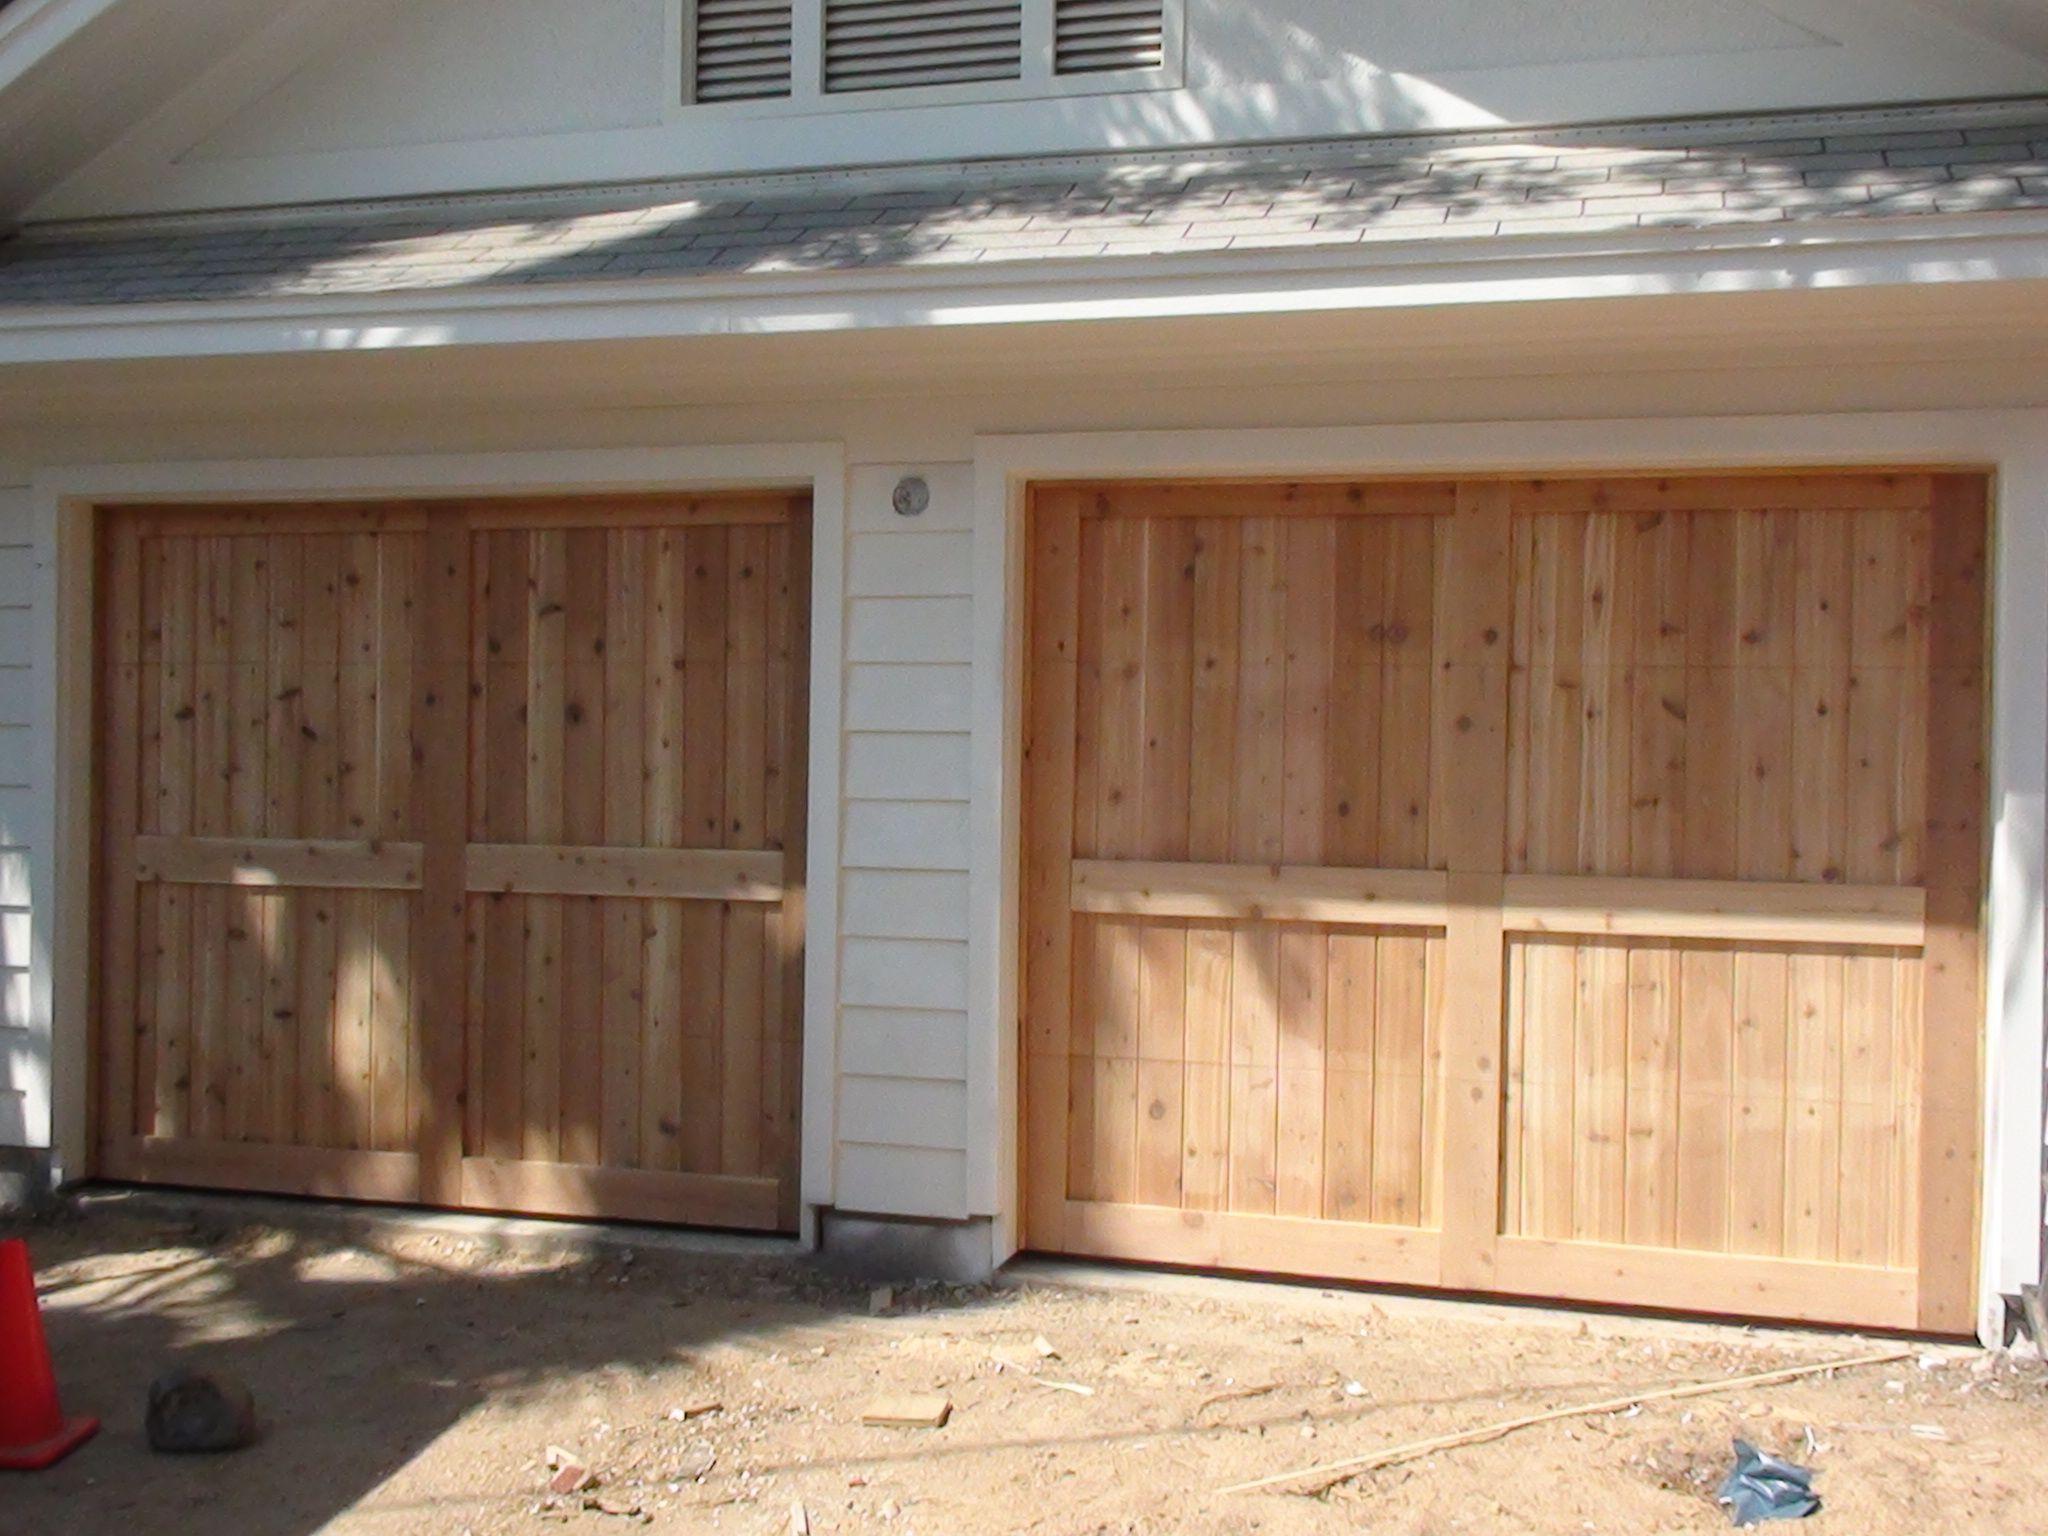 1536 #A1662A 8x7 Wood Garage Door Cedar Natural Architecture Pinterest wallpaper 8x7 Garage Doors 37052048